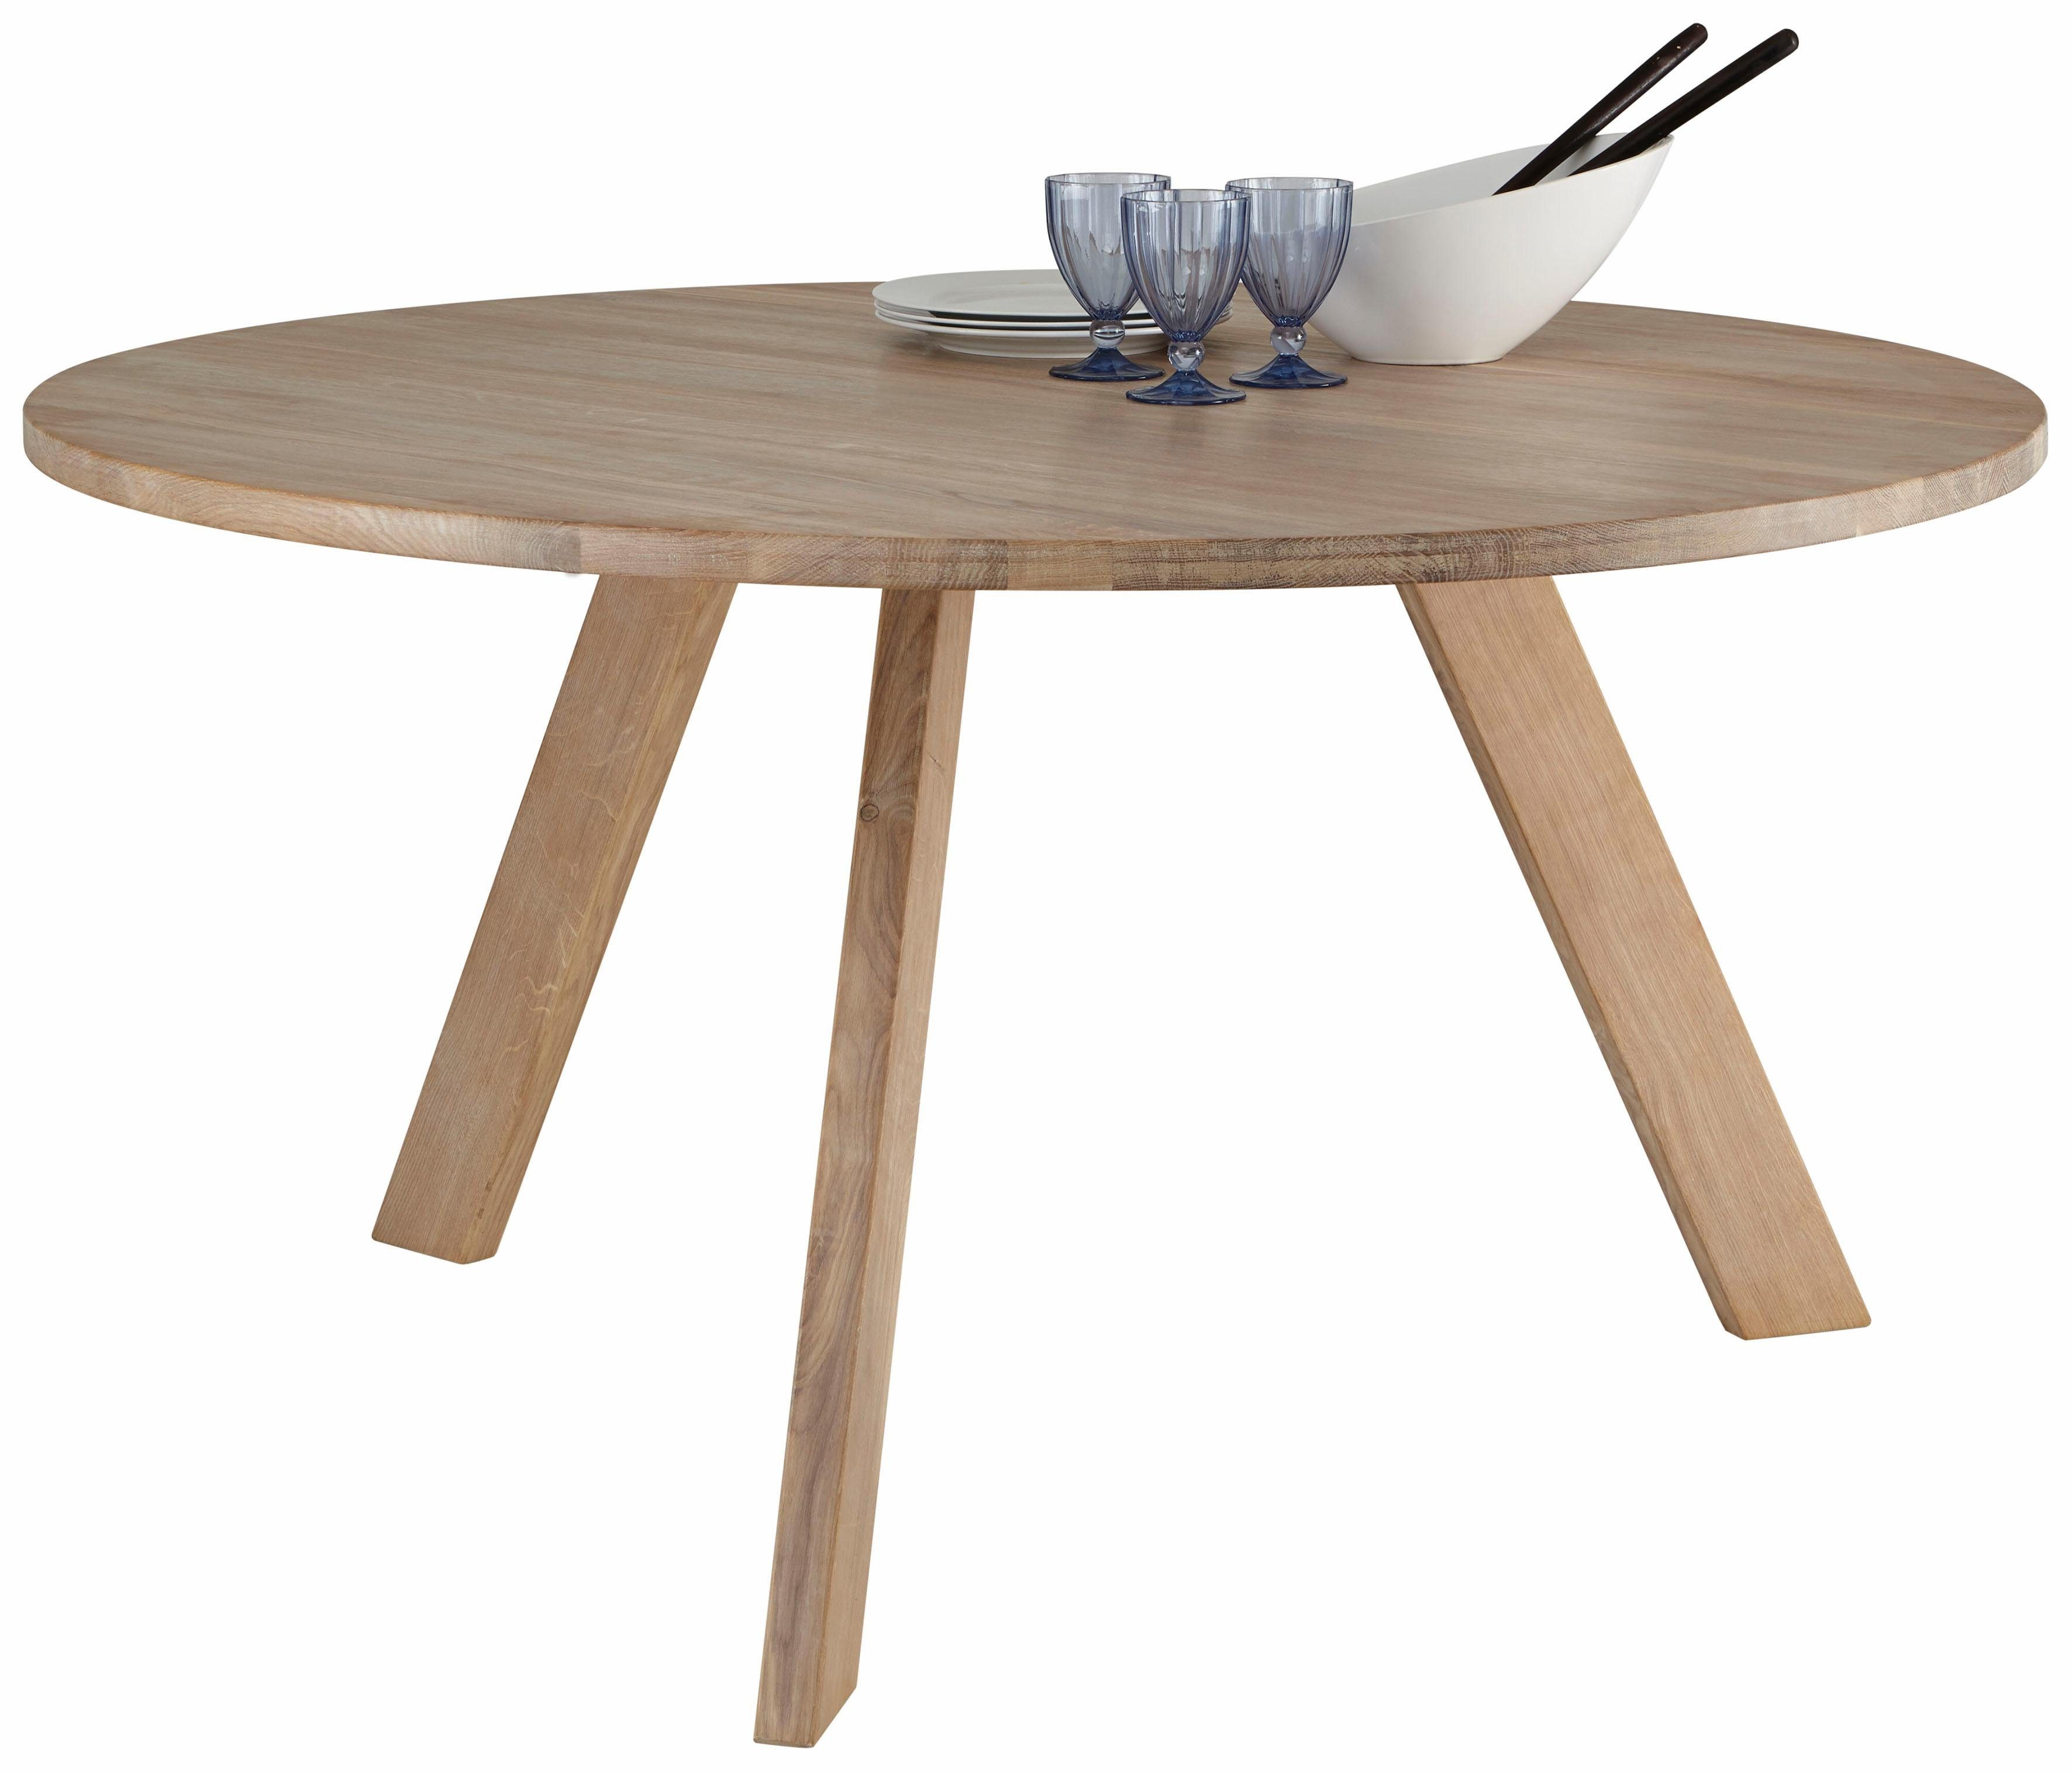 GMK Home & Living Esstisch »Dinard«, Ø 140 cm, mit runder Tischplatte aus massiver Eiche